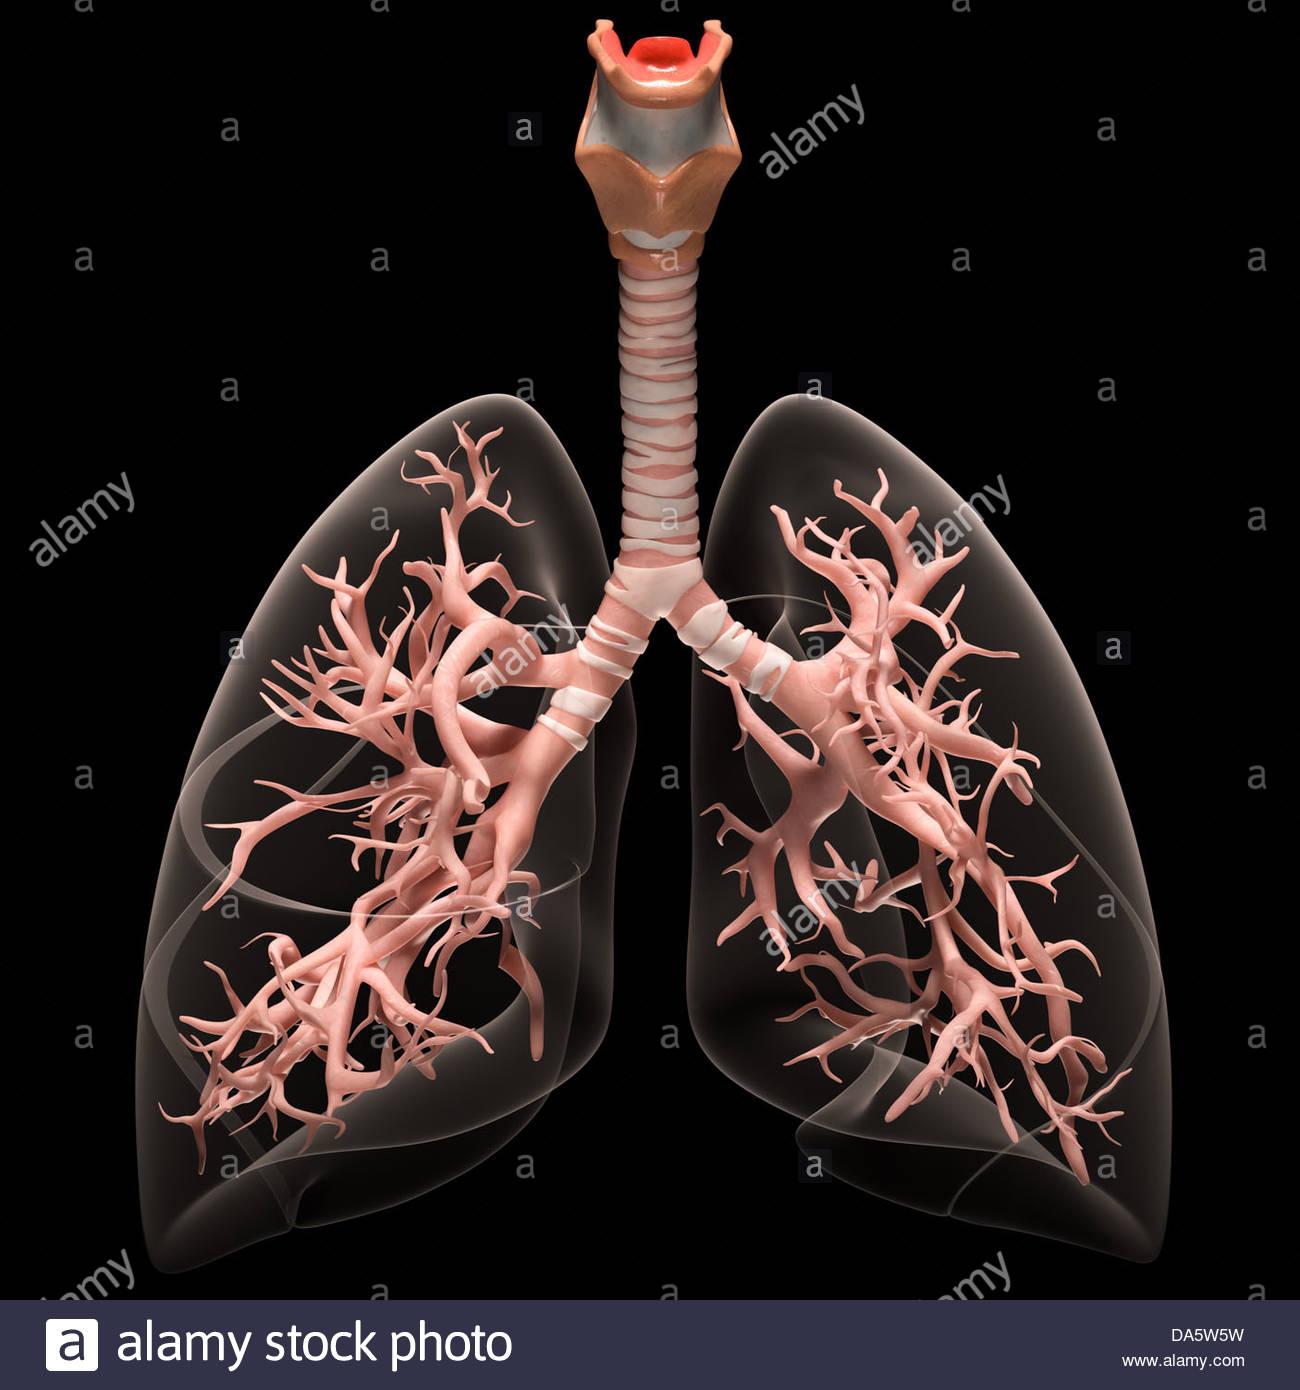 Ilustración médica digital representando el sistema respiratorio humano. Los pulmones transparentes revelan Imagen De Stock